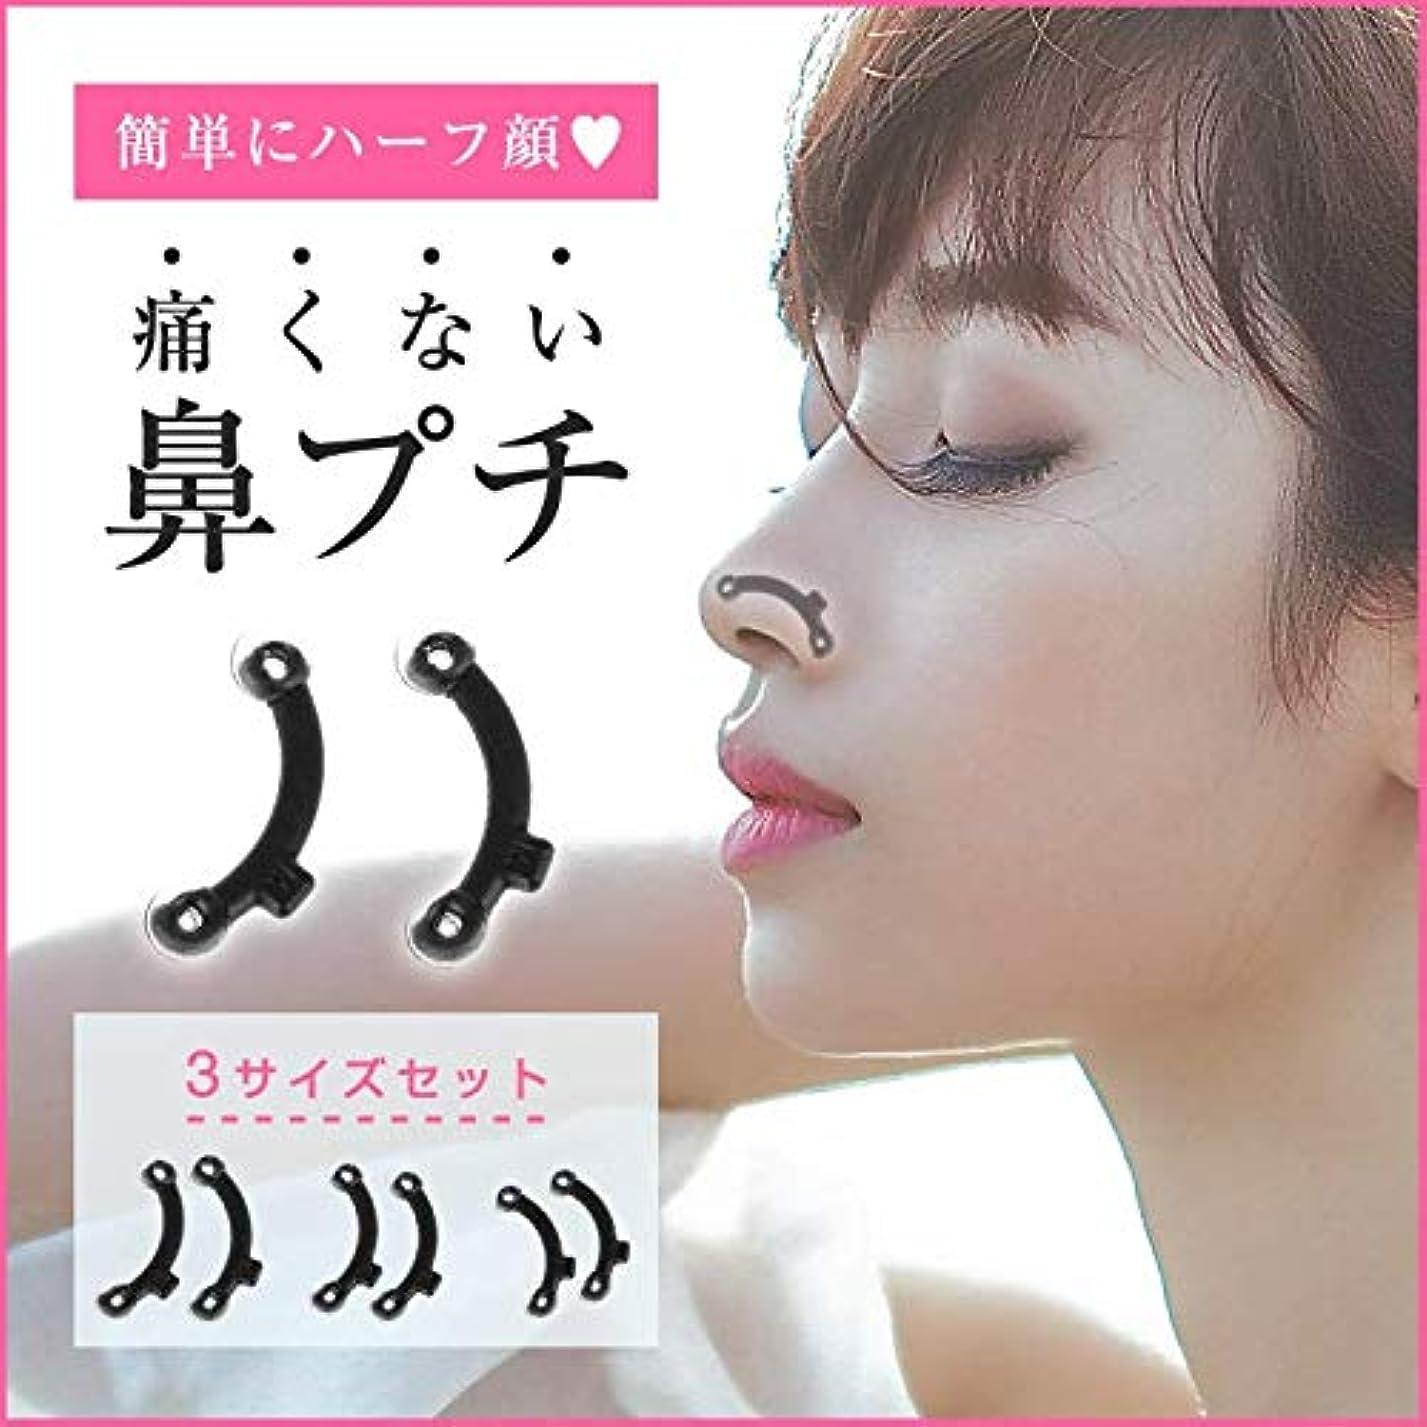 結果としてキルト炭水化物【ジェーン粧】 鼻プチ コポン 、( S M L全3サイズセット)鼻筋スラりん 、鼻のアイプチ 矯正器具 プチ整形